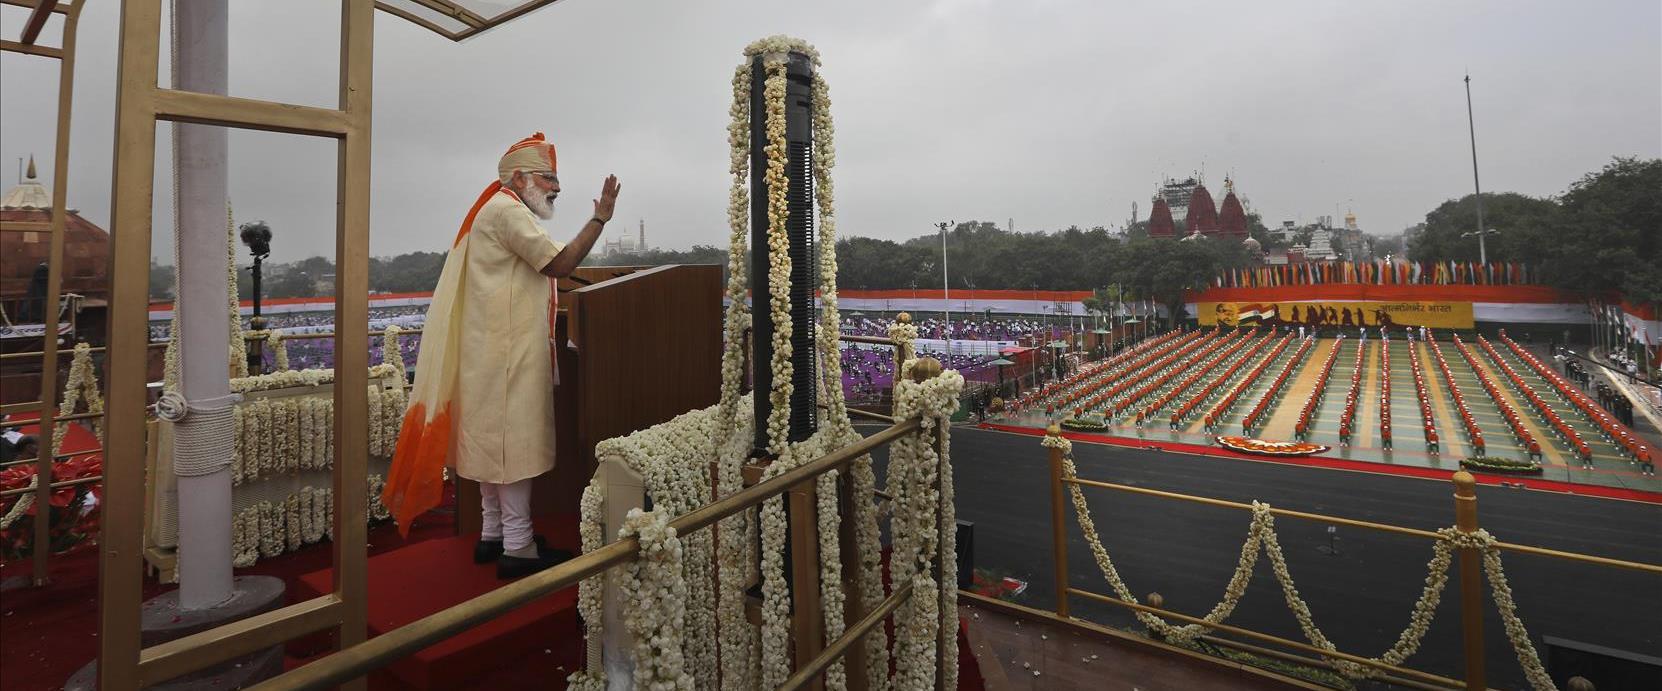 ראש ממשלת הודו מודי בעצרת בחירות, מארס 2021